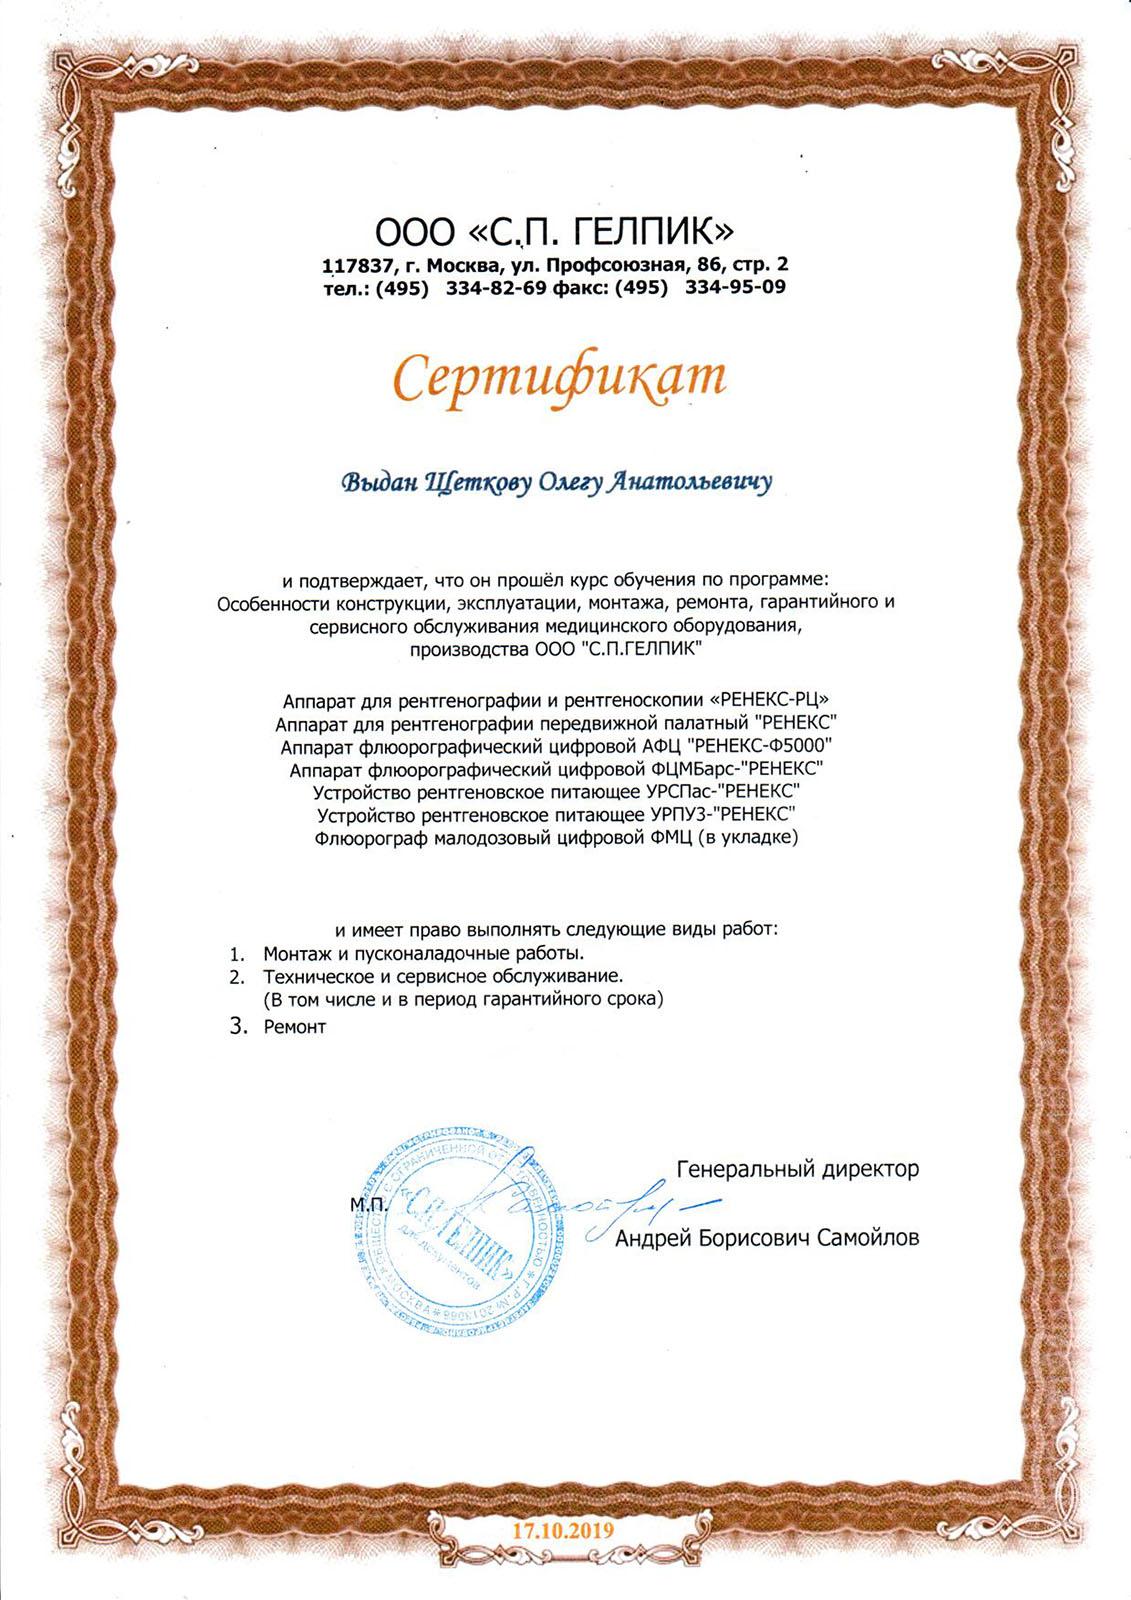 rentgenografiya-flyurografiya - CP-Gelpik-SHHetkov-17.10.2019